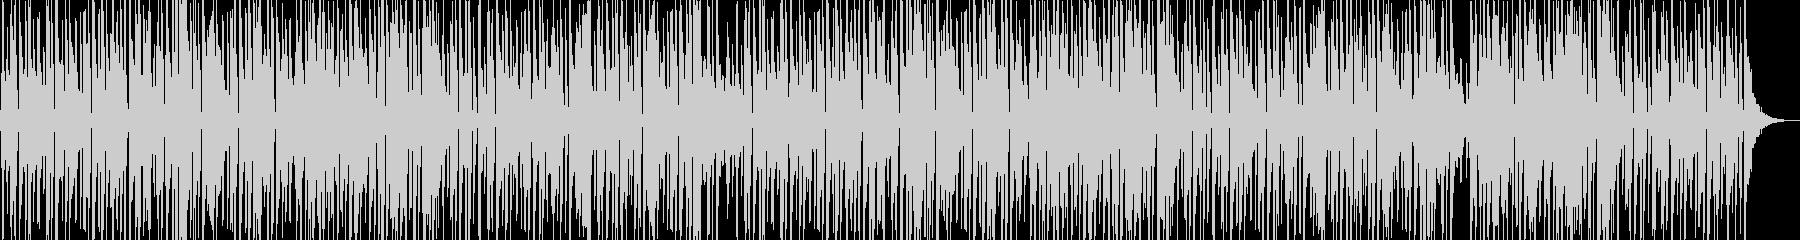 オシャレでアダルティなJazz BGMの未再生の波形